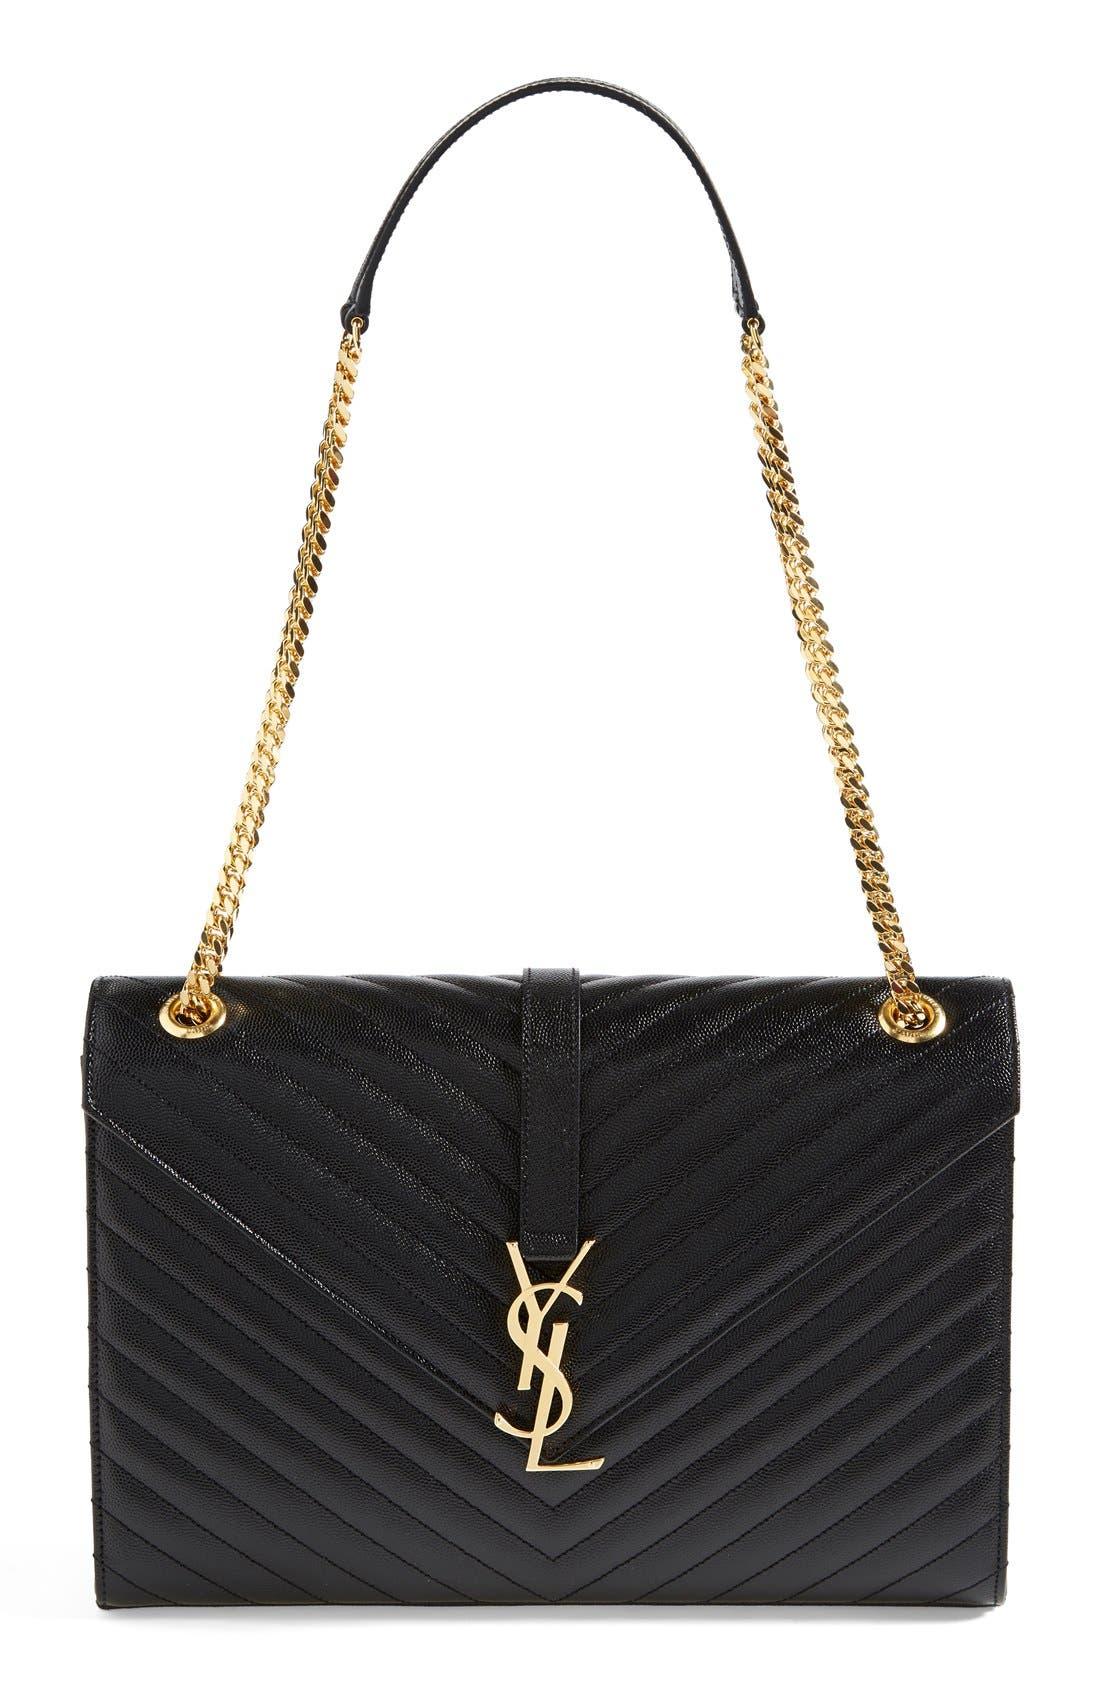 Alternate Image 1 Selected - Saint Laurent 'Monogram' Leather Shoulder Bag